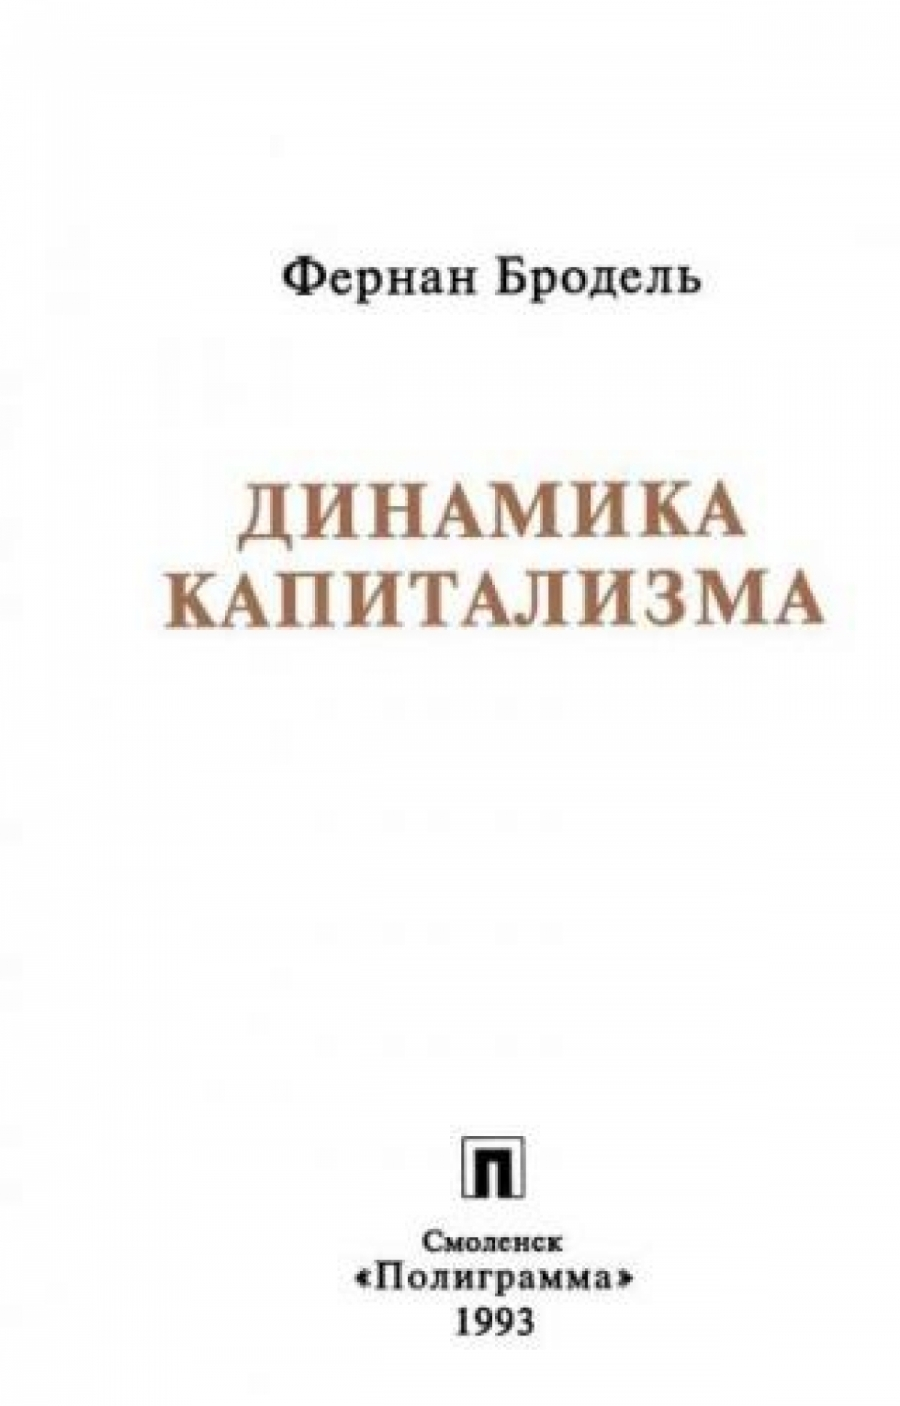 Обложка книги:  фернан бродель - динамика капитализма